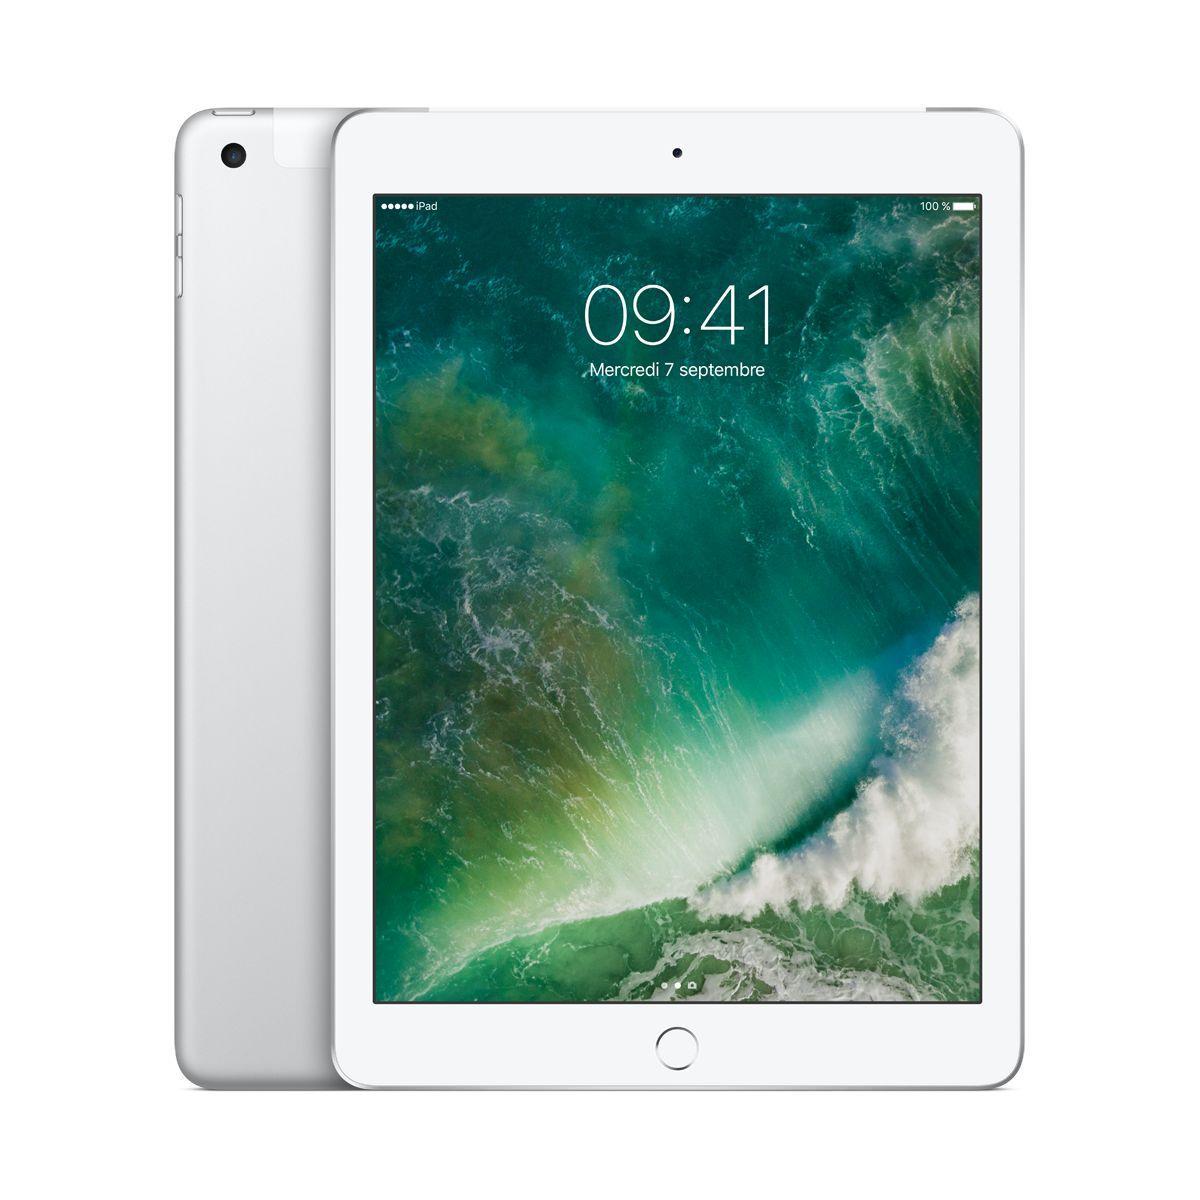 Tablette ipad new ipad 128go cel. argent - livraison offerte : code livrelais (photo)